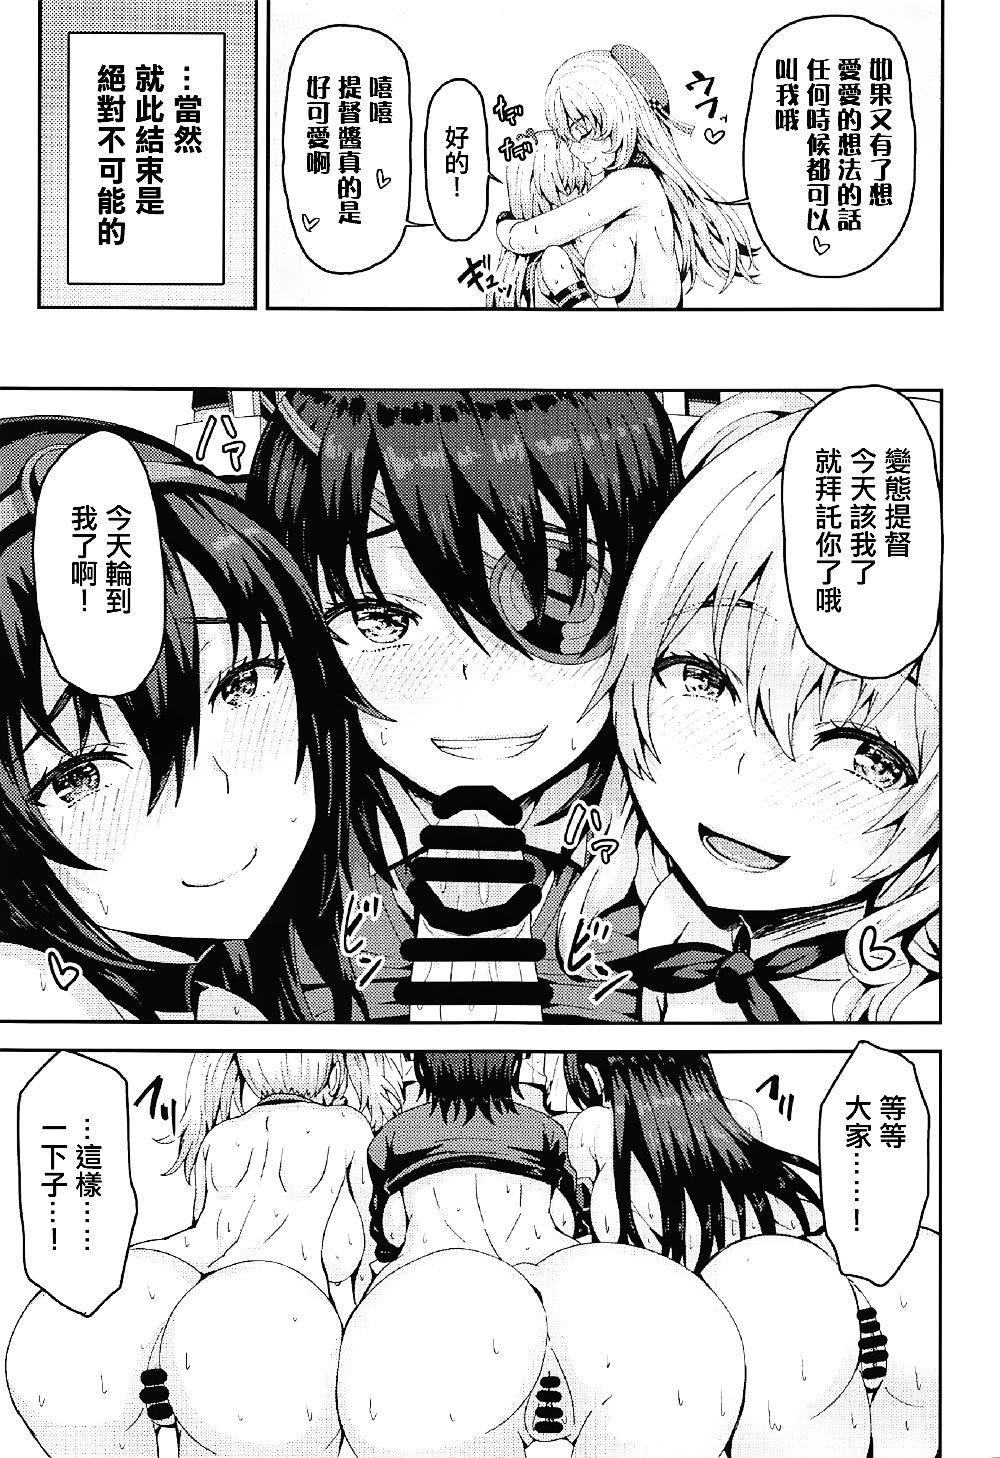 Shimakaze-kun Cos no Shota Teitoku o Kanmusu ga Pyupyu Saseru Hon! 17